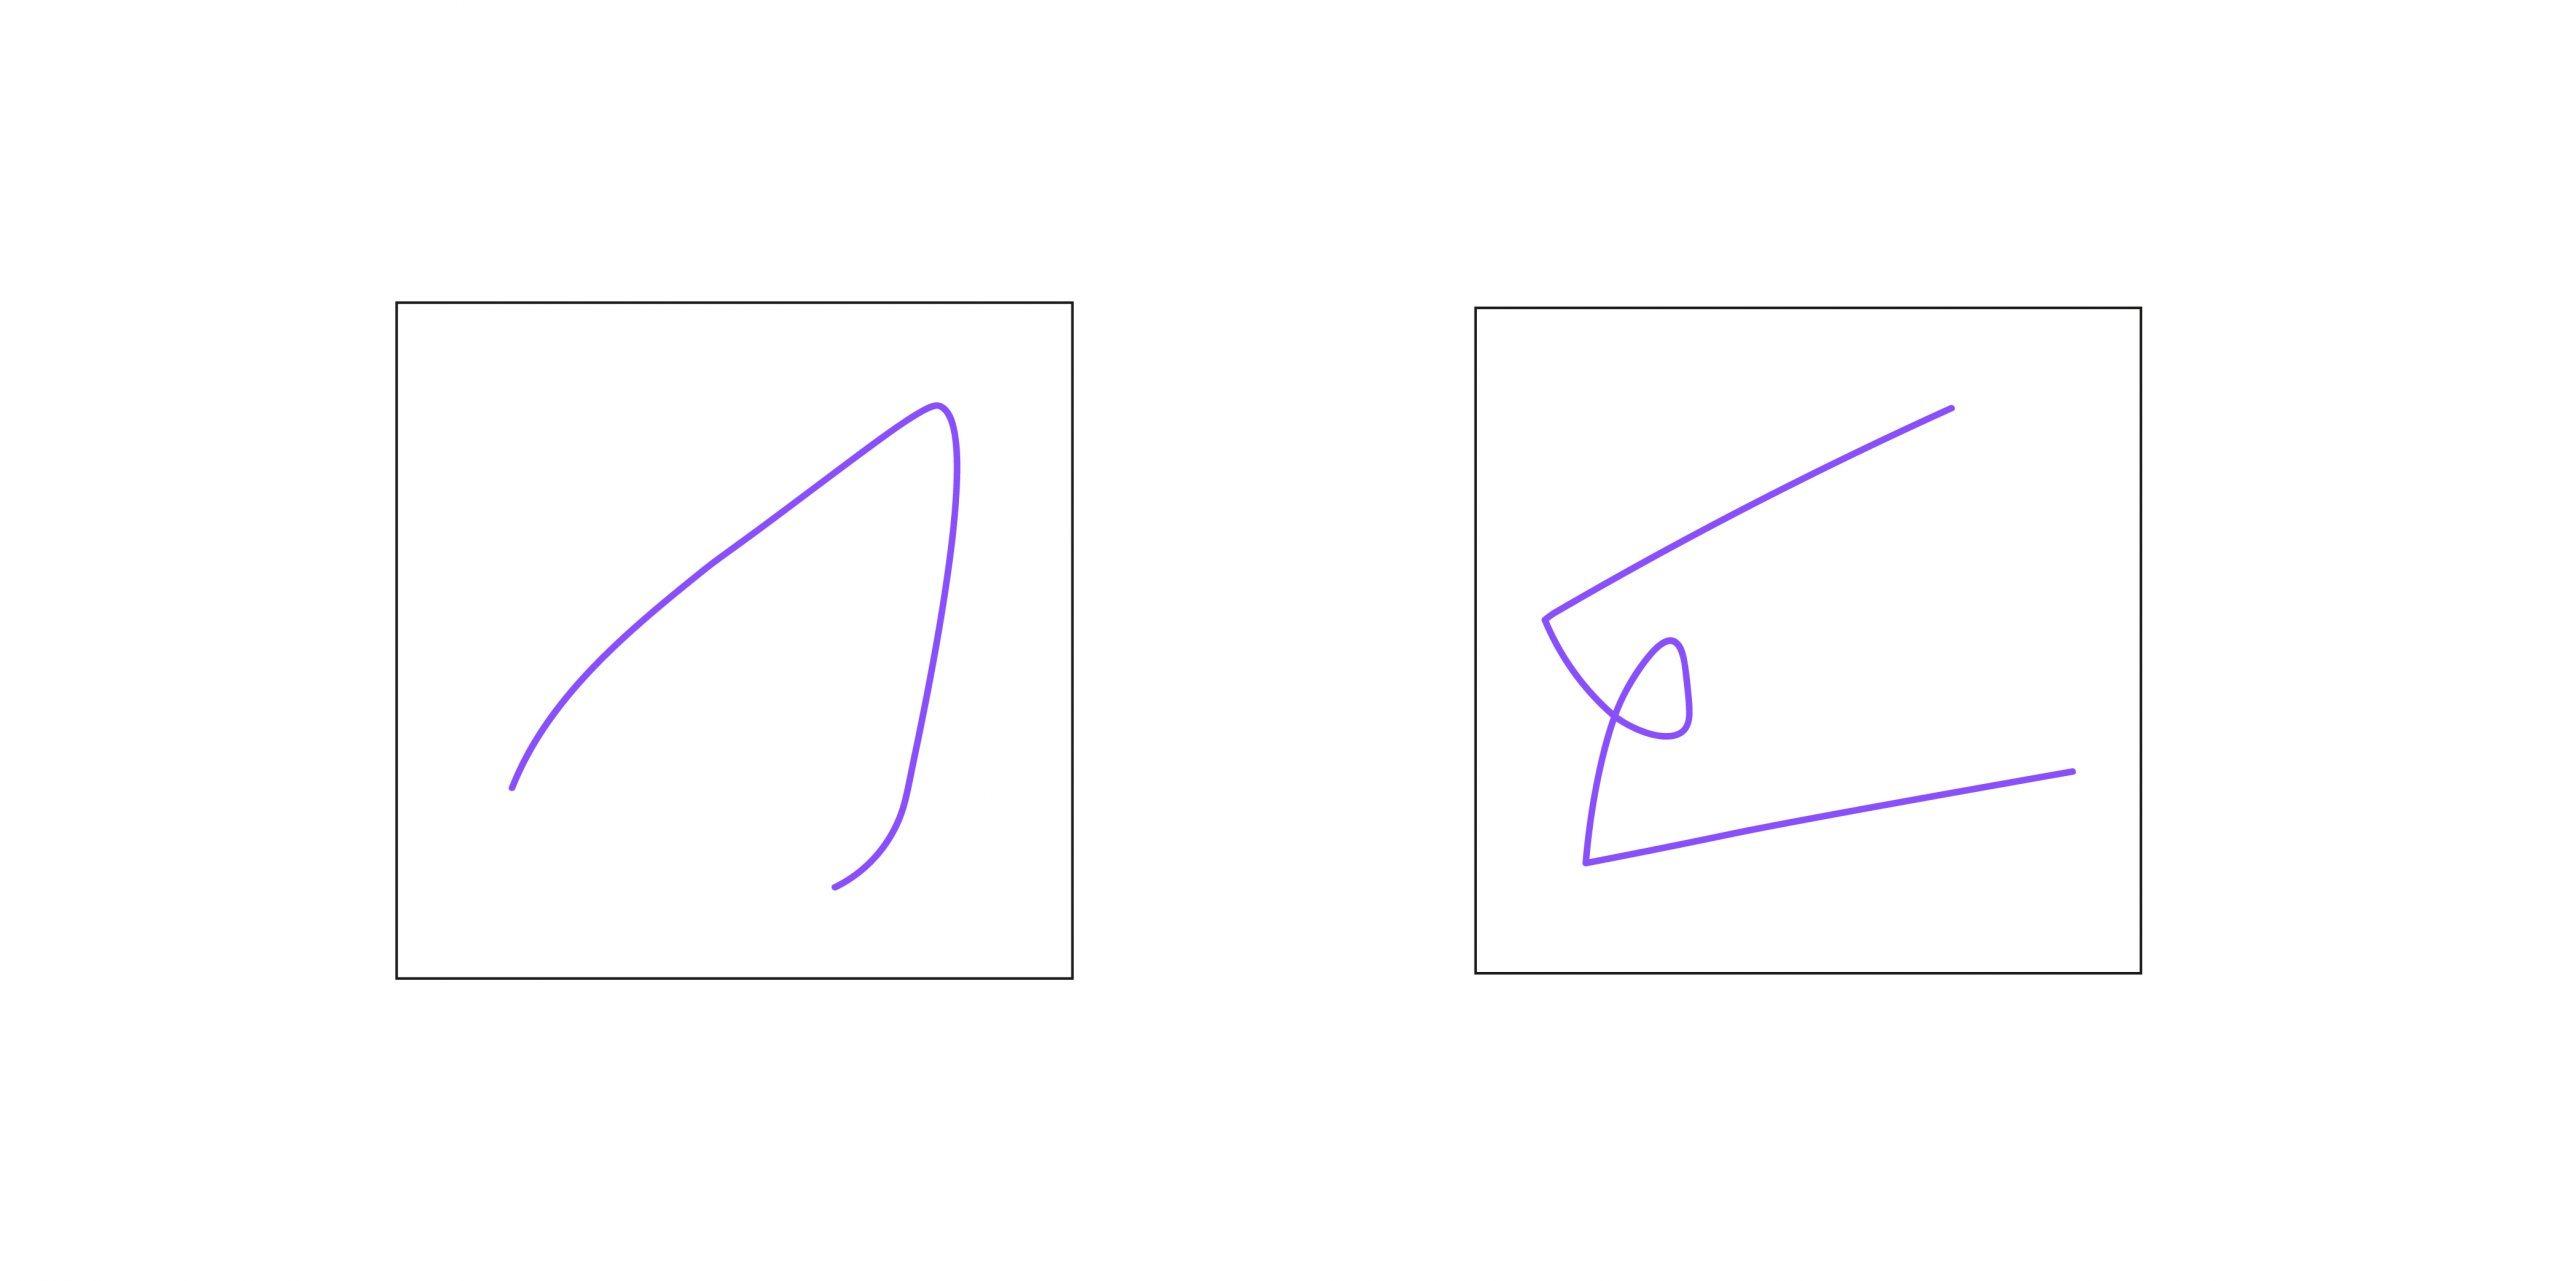 Figure shape test